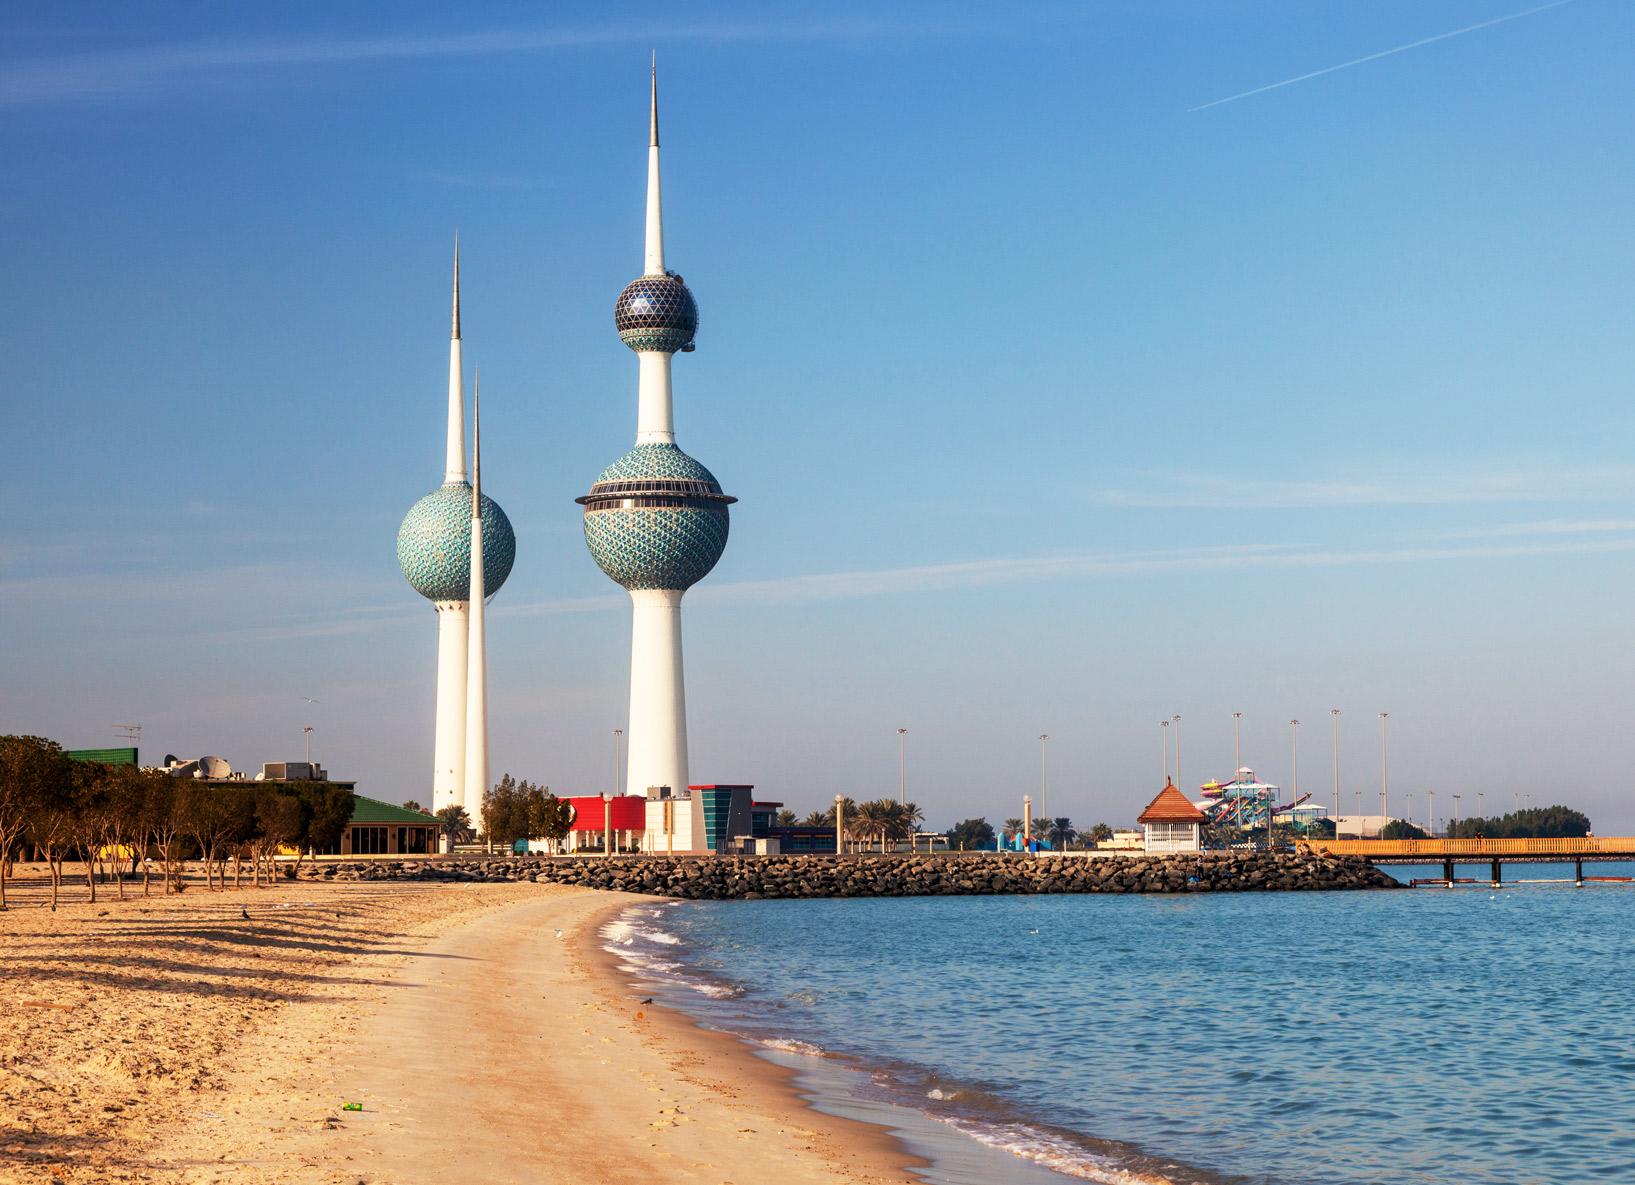 クウェート政府が3Dプリントフィギュアショップを閉鎖